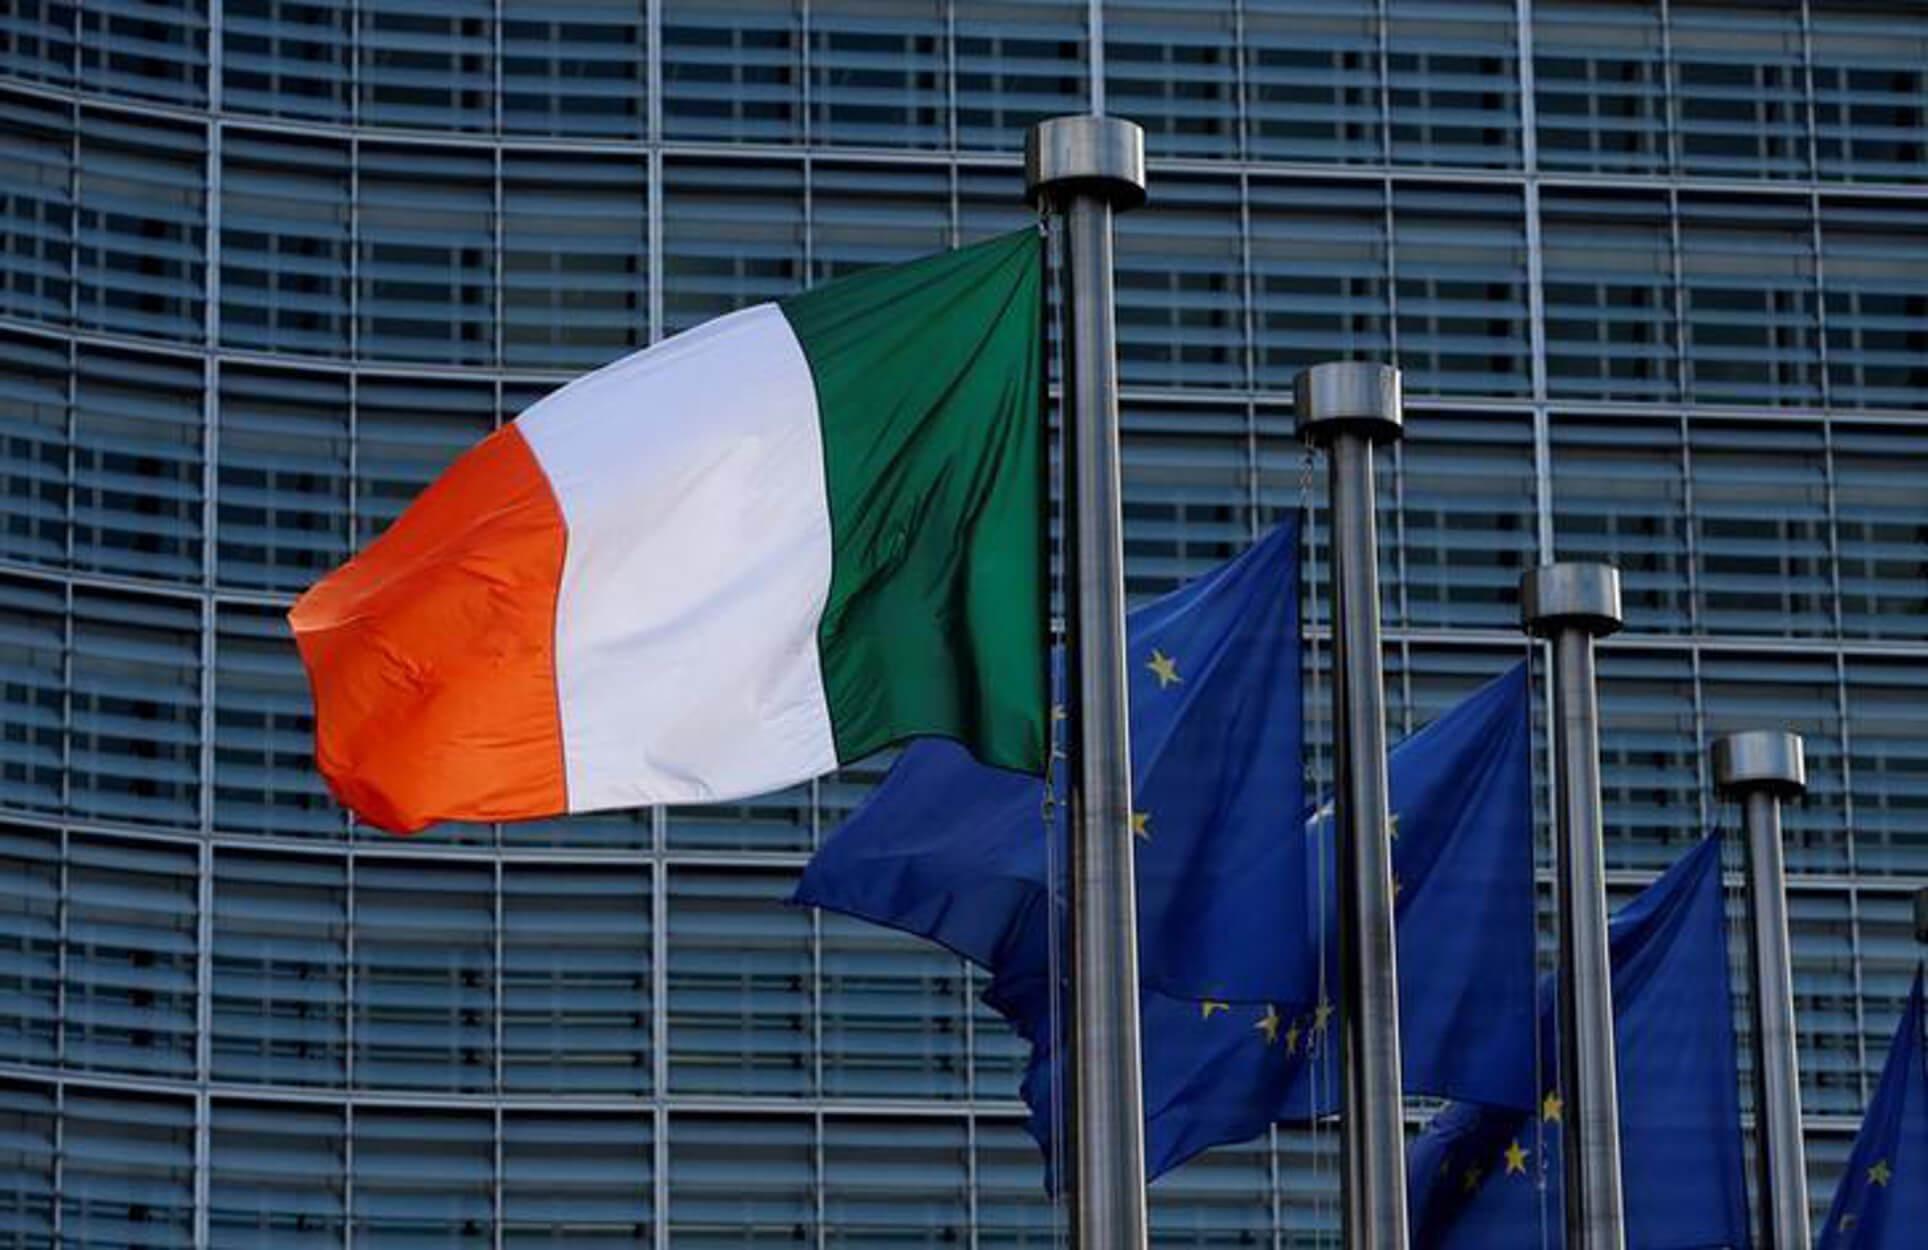 Ιρλανδία: 26 χώρες μπήκαν στην «μαύρη λίστα» – Σε υποχρεωτική καραντίνα οι ταξιδιώτες